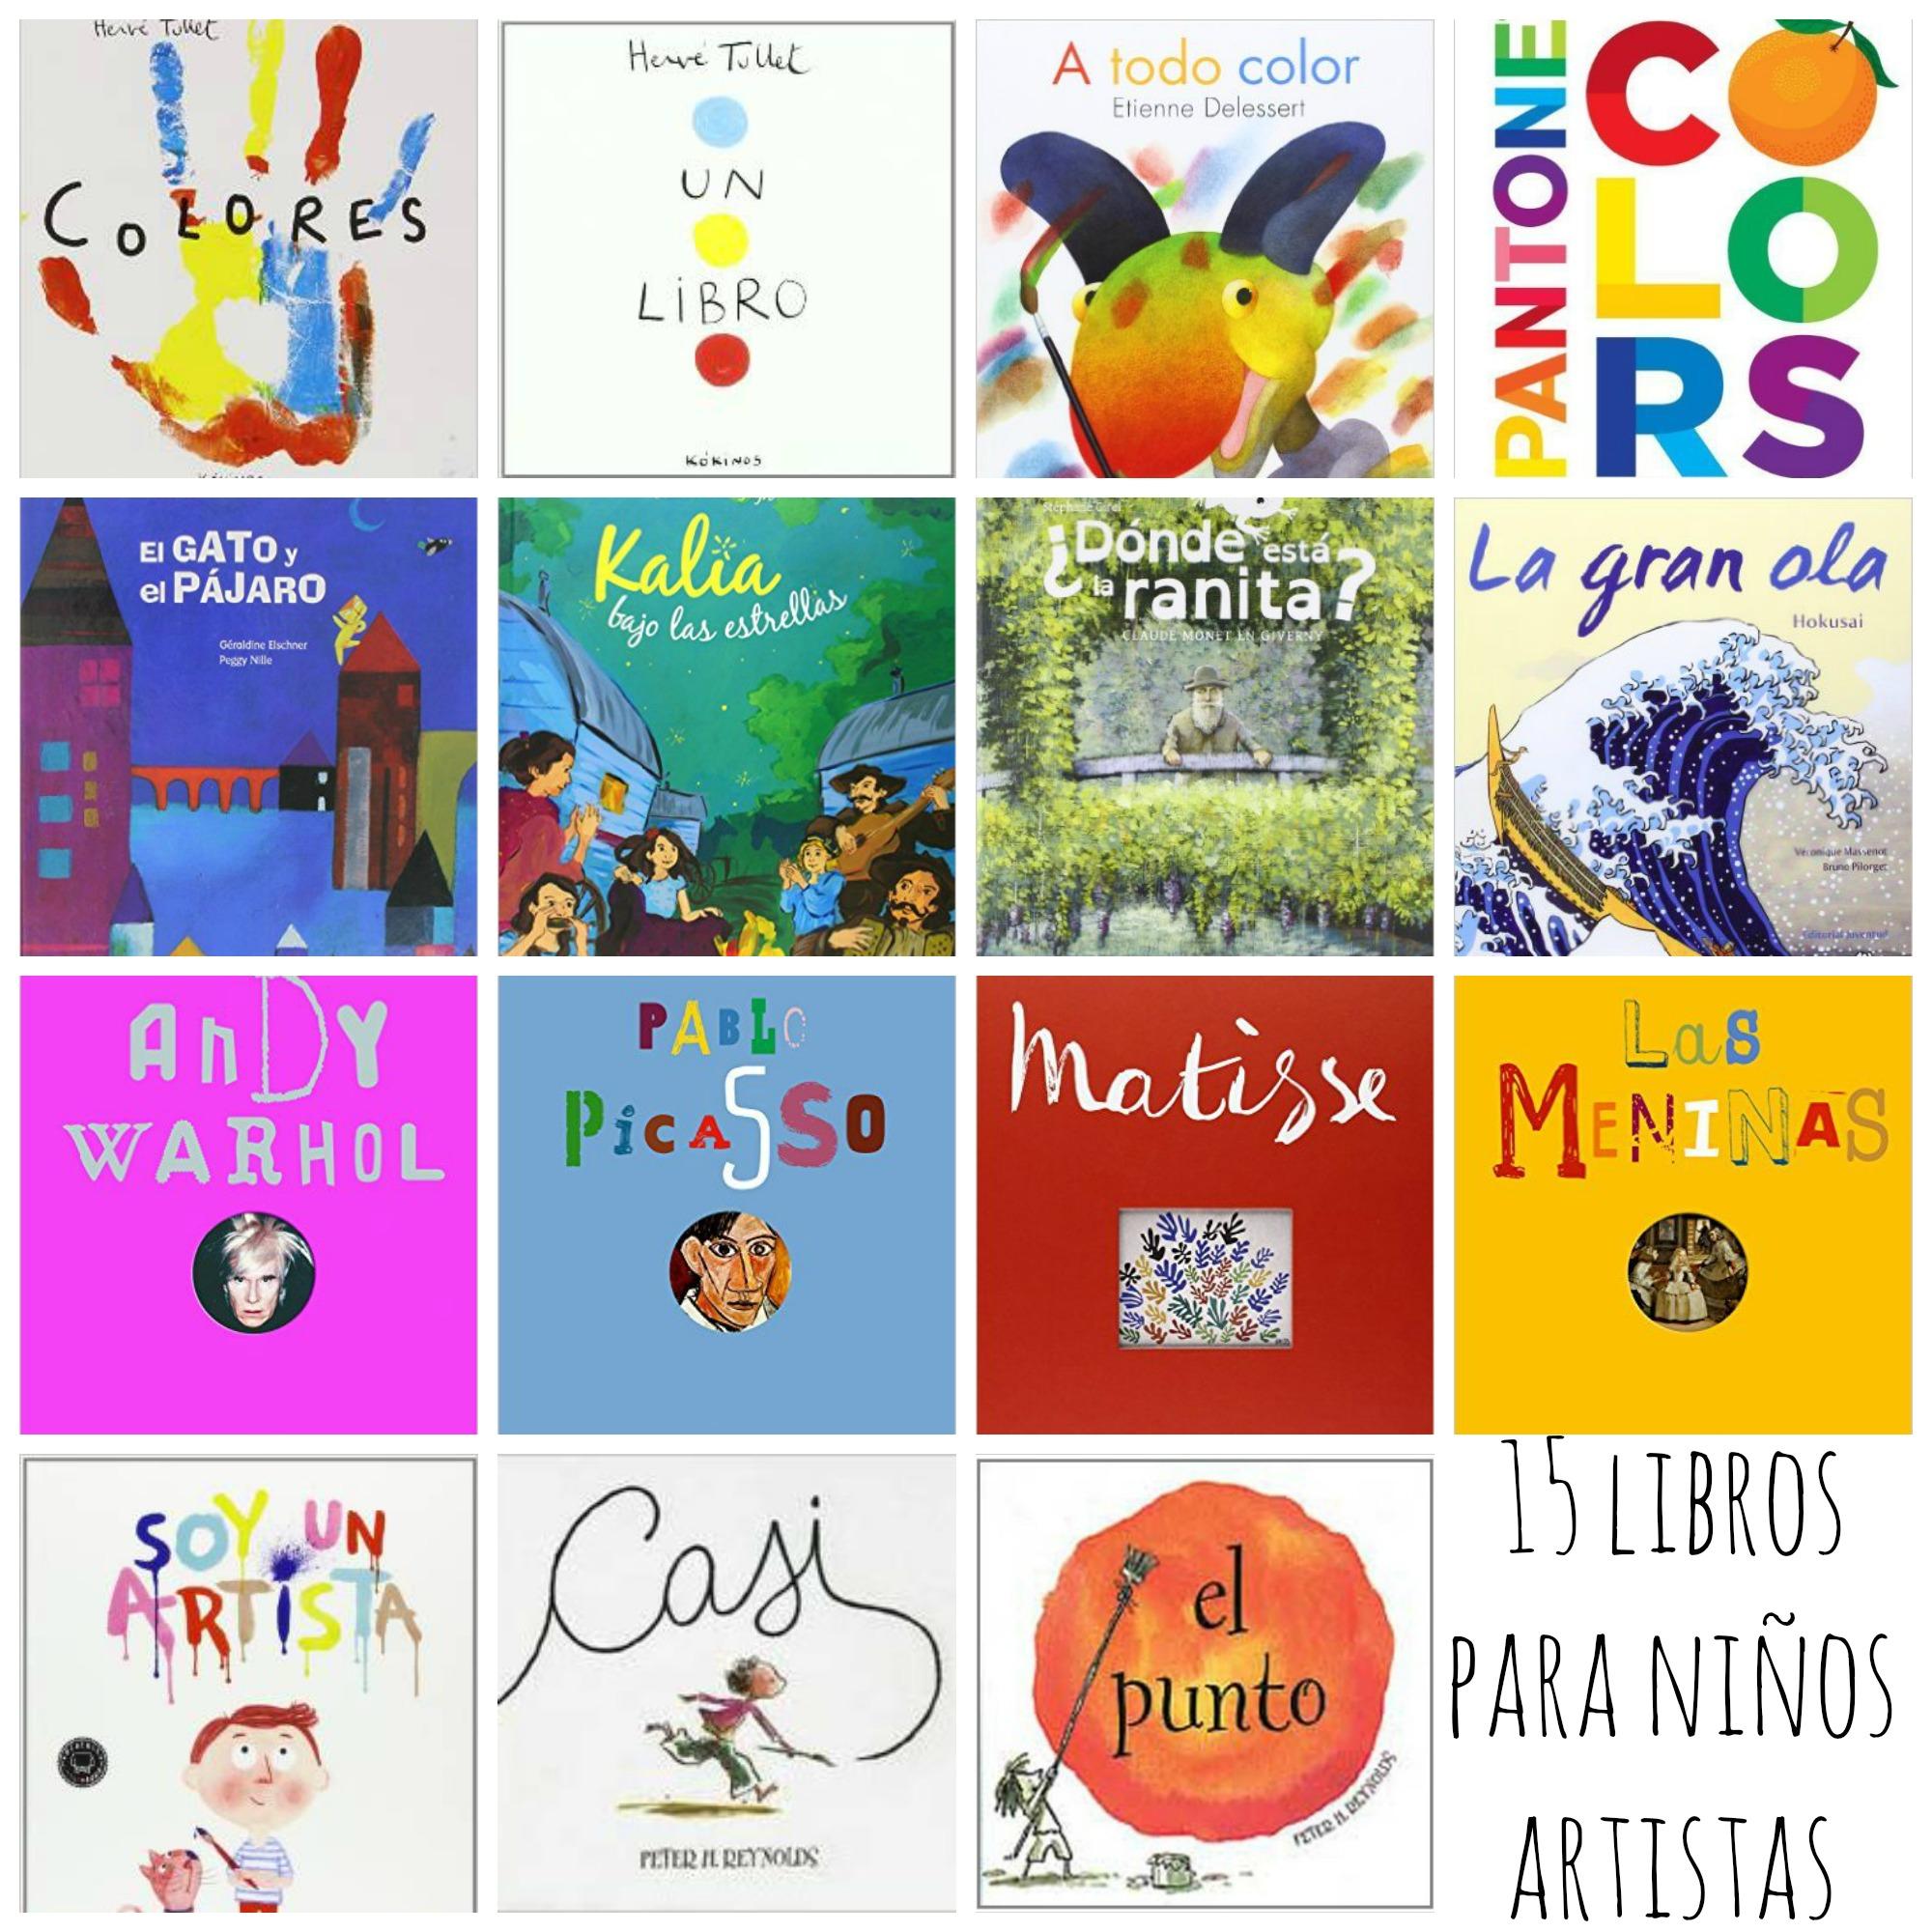 15 cuentos para niños artistas | Madrid, Martina & myself